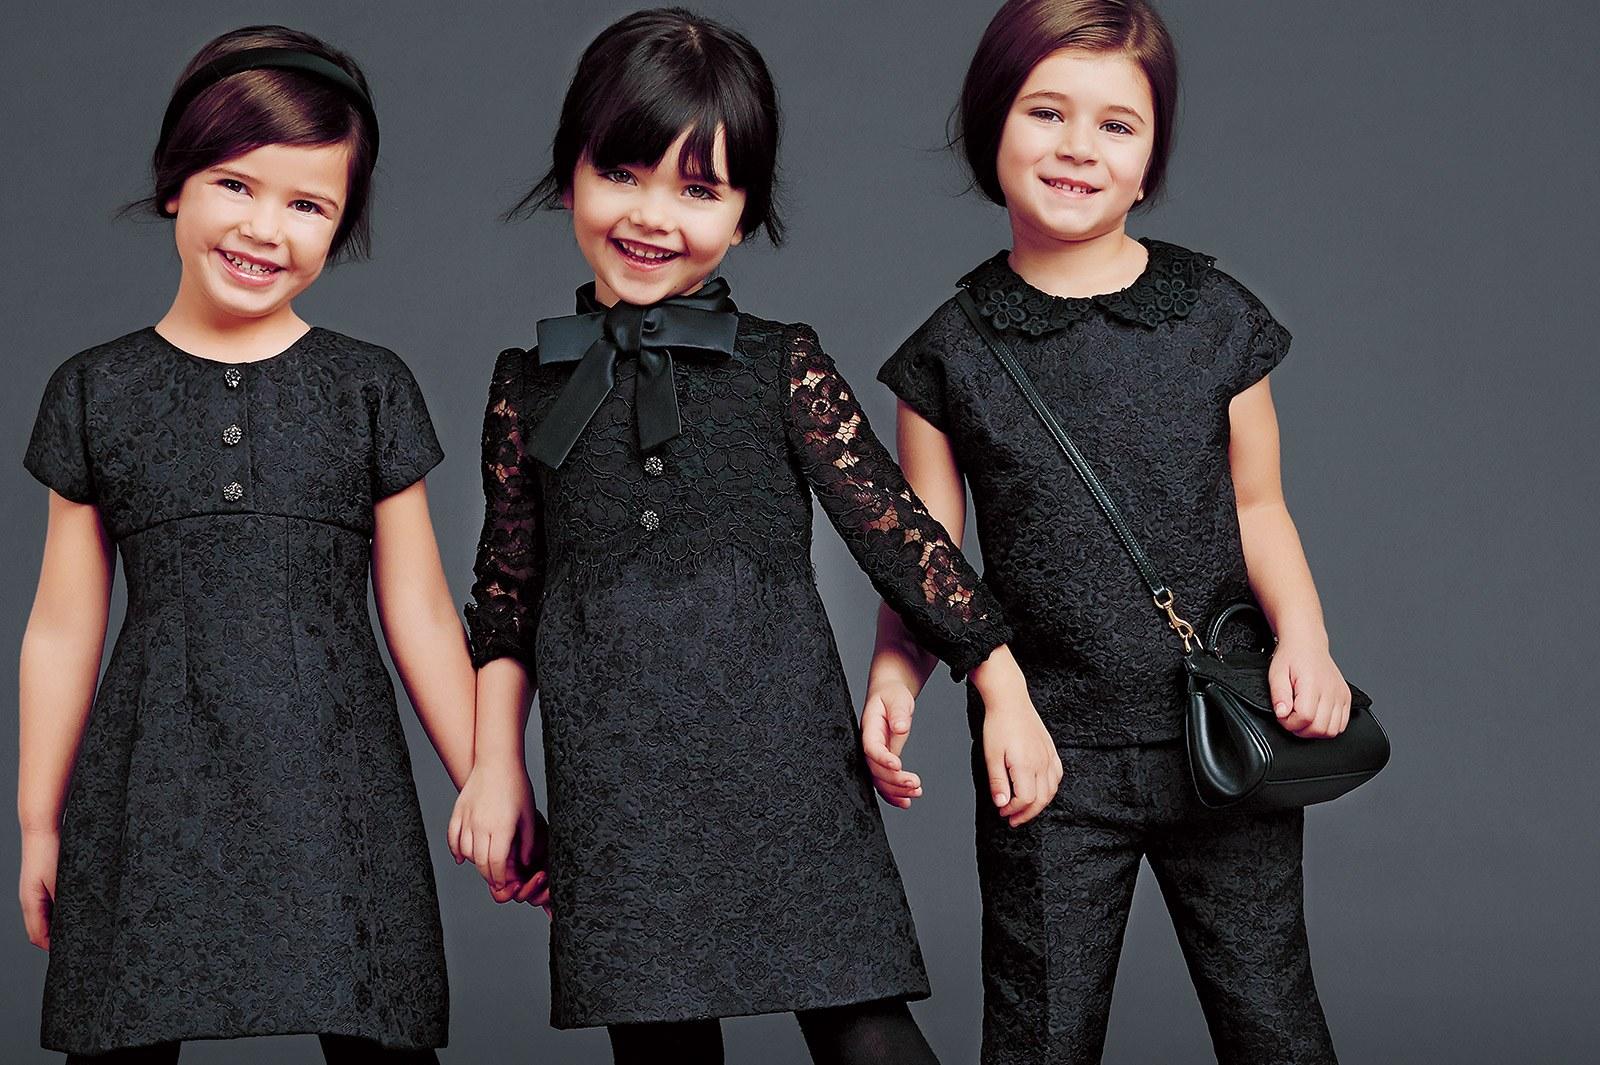 Школьная форма для девочек 2018 - 2019: самые стильные костюмы для начальной школы